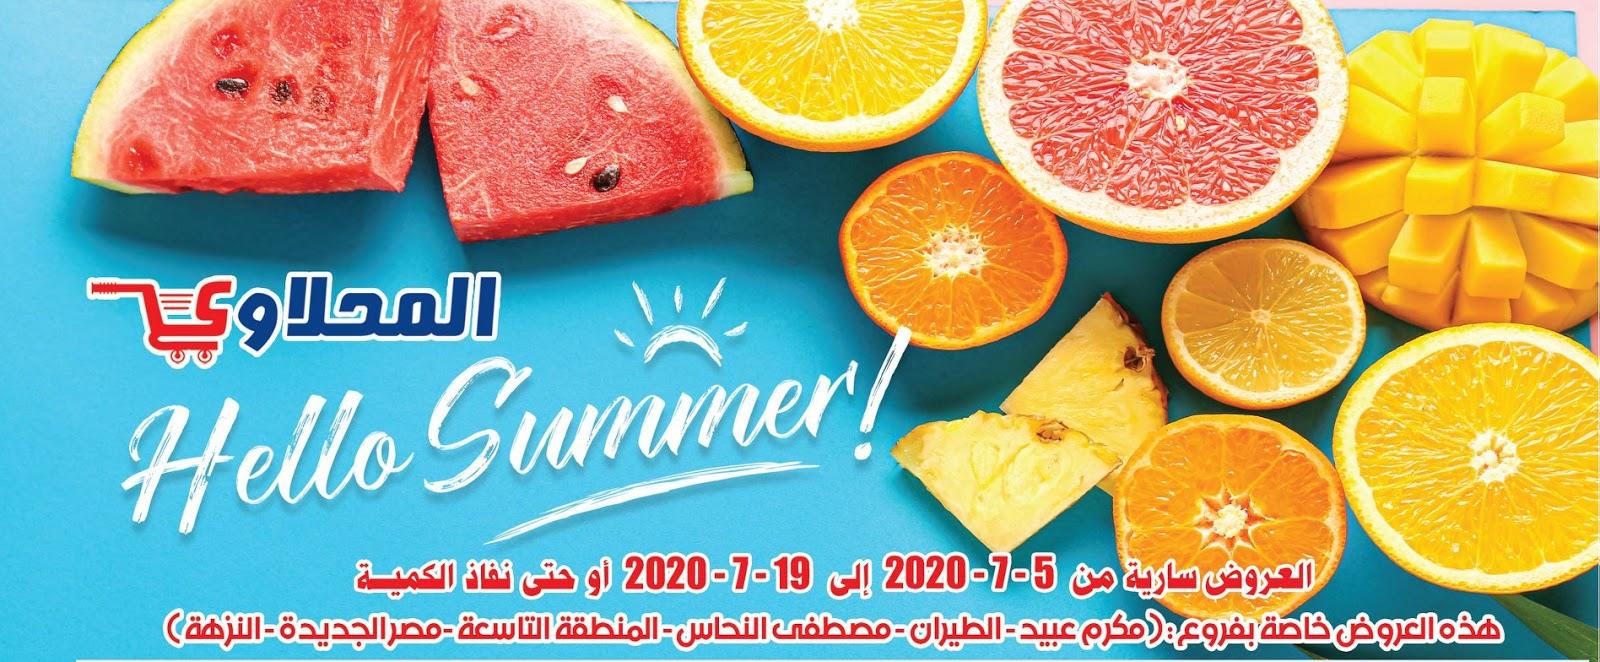 عروض المحلاوى من 5 يوليو حتى19 يوليو 2020 عروض الصيف